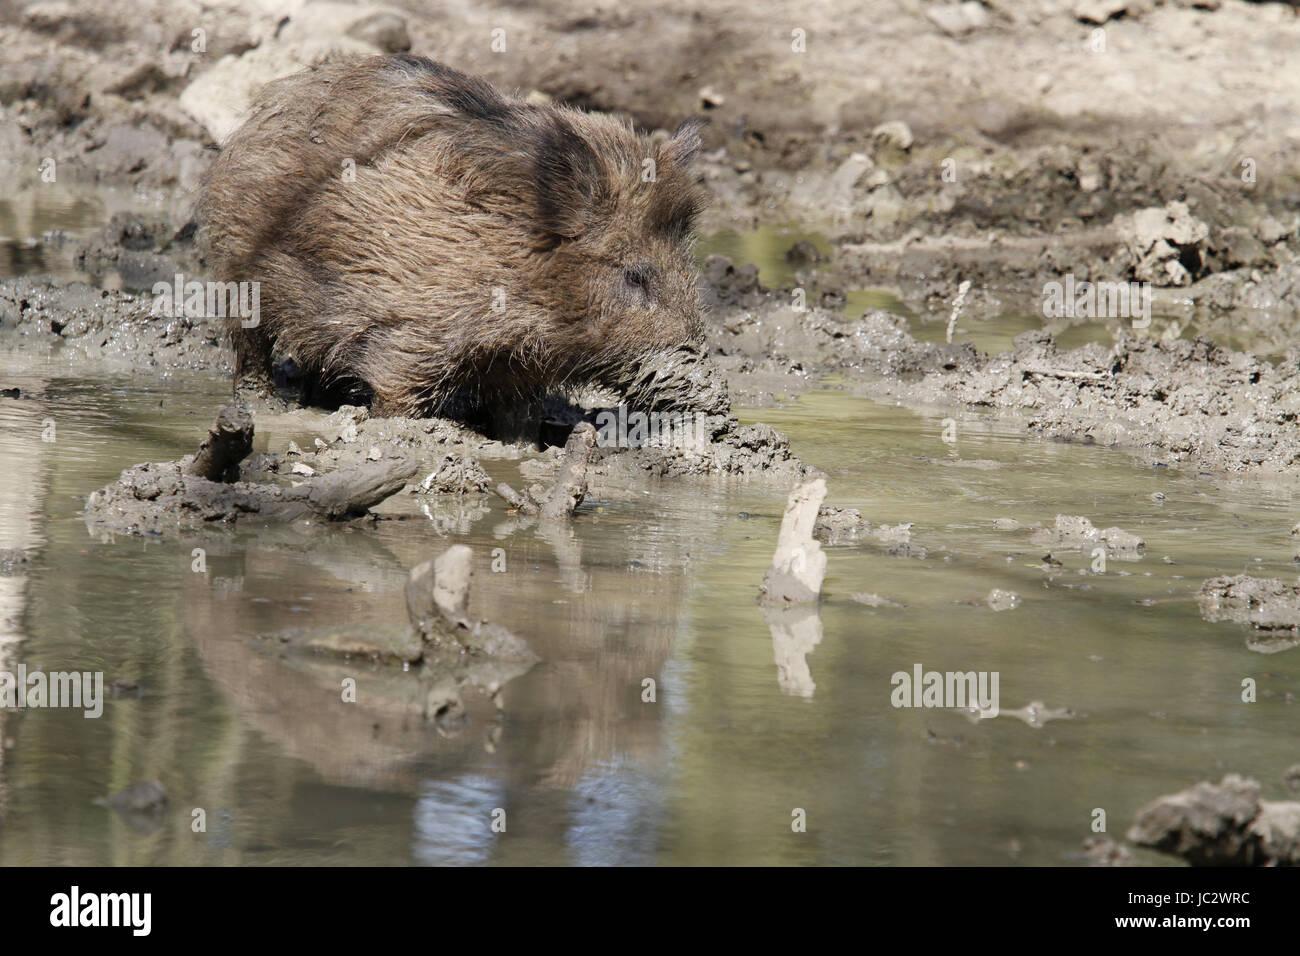 Wildschwein in der Suhle - Stock Image